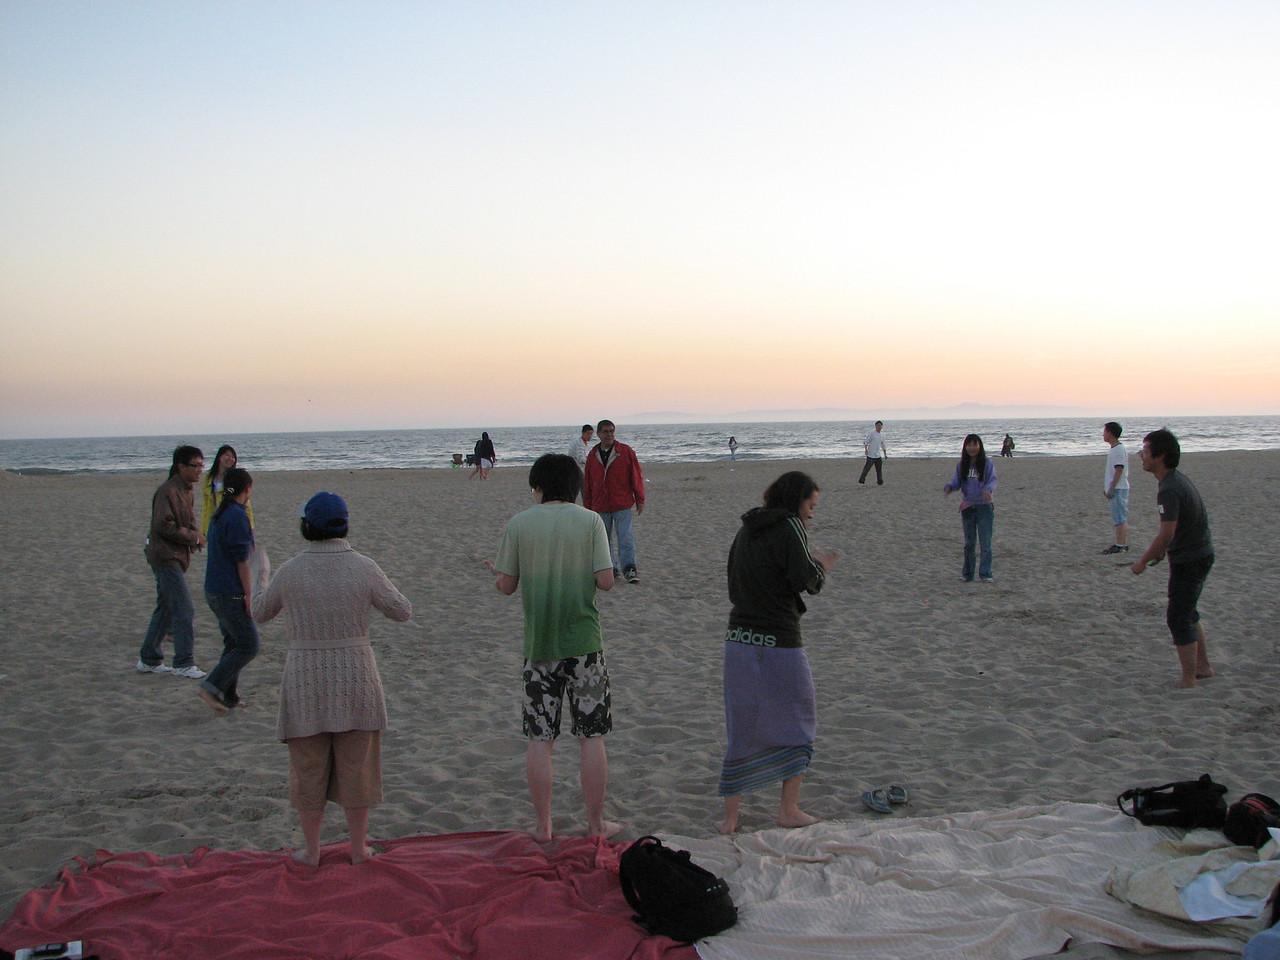 2008 03 24 Mon - Talbot & Int'l students @ the beach - Water balloon toss